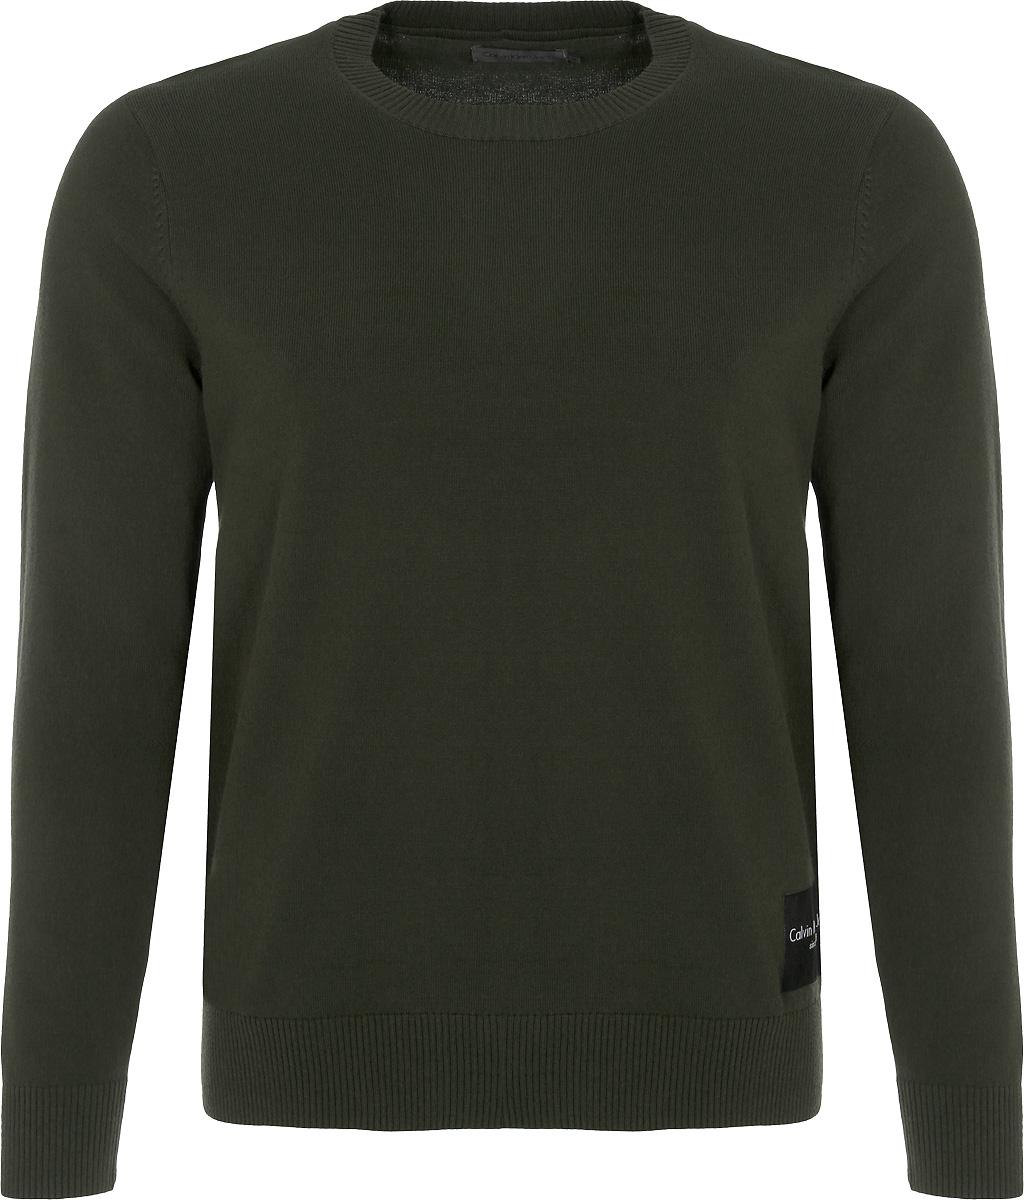 Джемпер мужской Calvin Klein Jeans, цвет: зеленый. J30J307324_3710. Размер XXL (52/54)